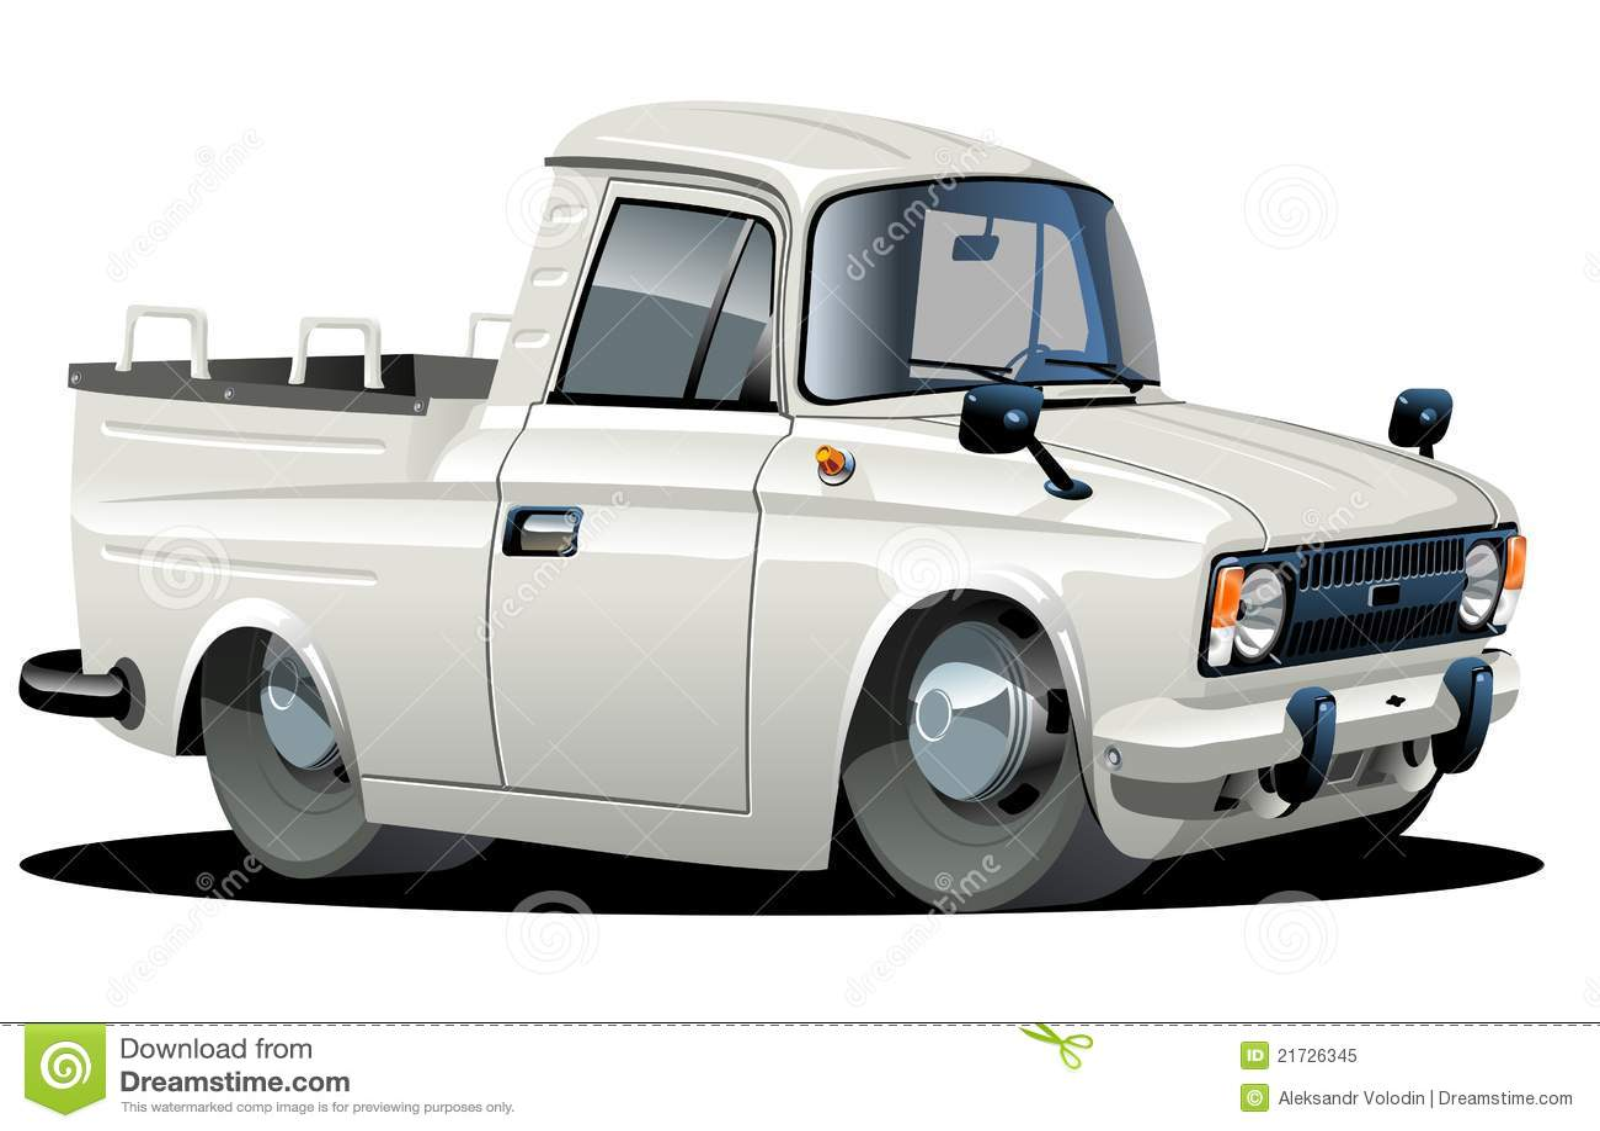 Camionnette Livraison Services de Dmnagement et. - Kijiji